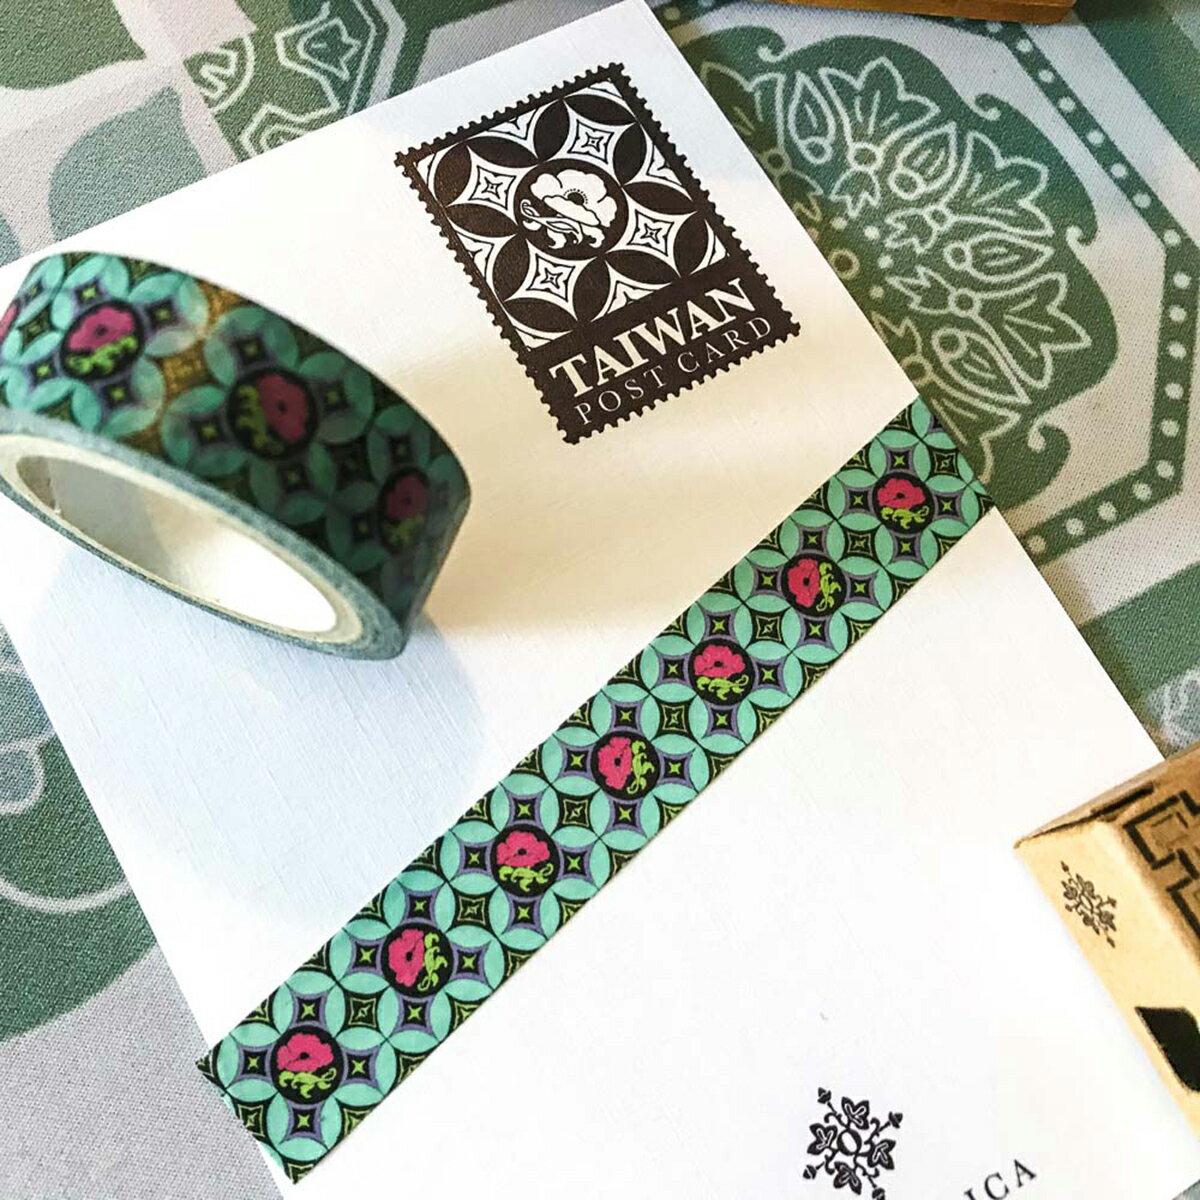 紙膠帶 - 星空下的罌粟花 花磚,台灣,捲毛力卡,四方連續,紙膠帶